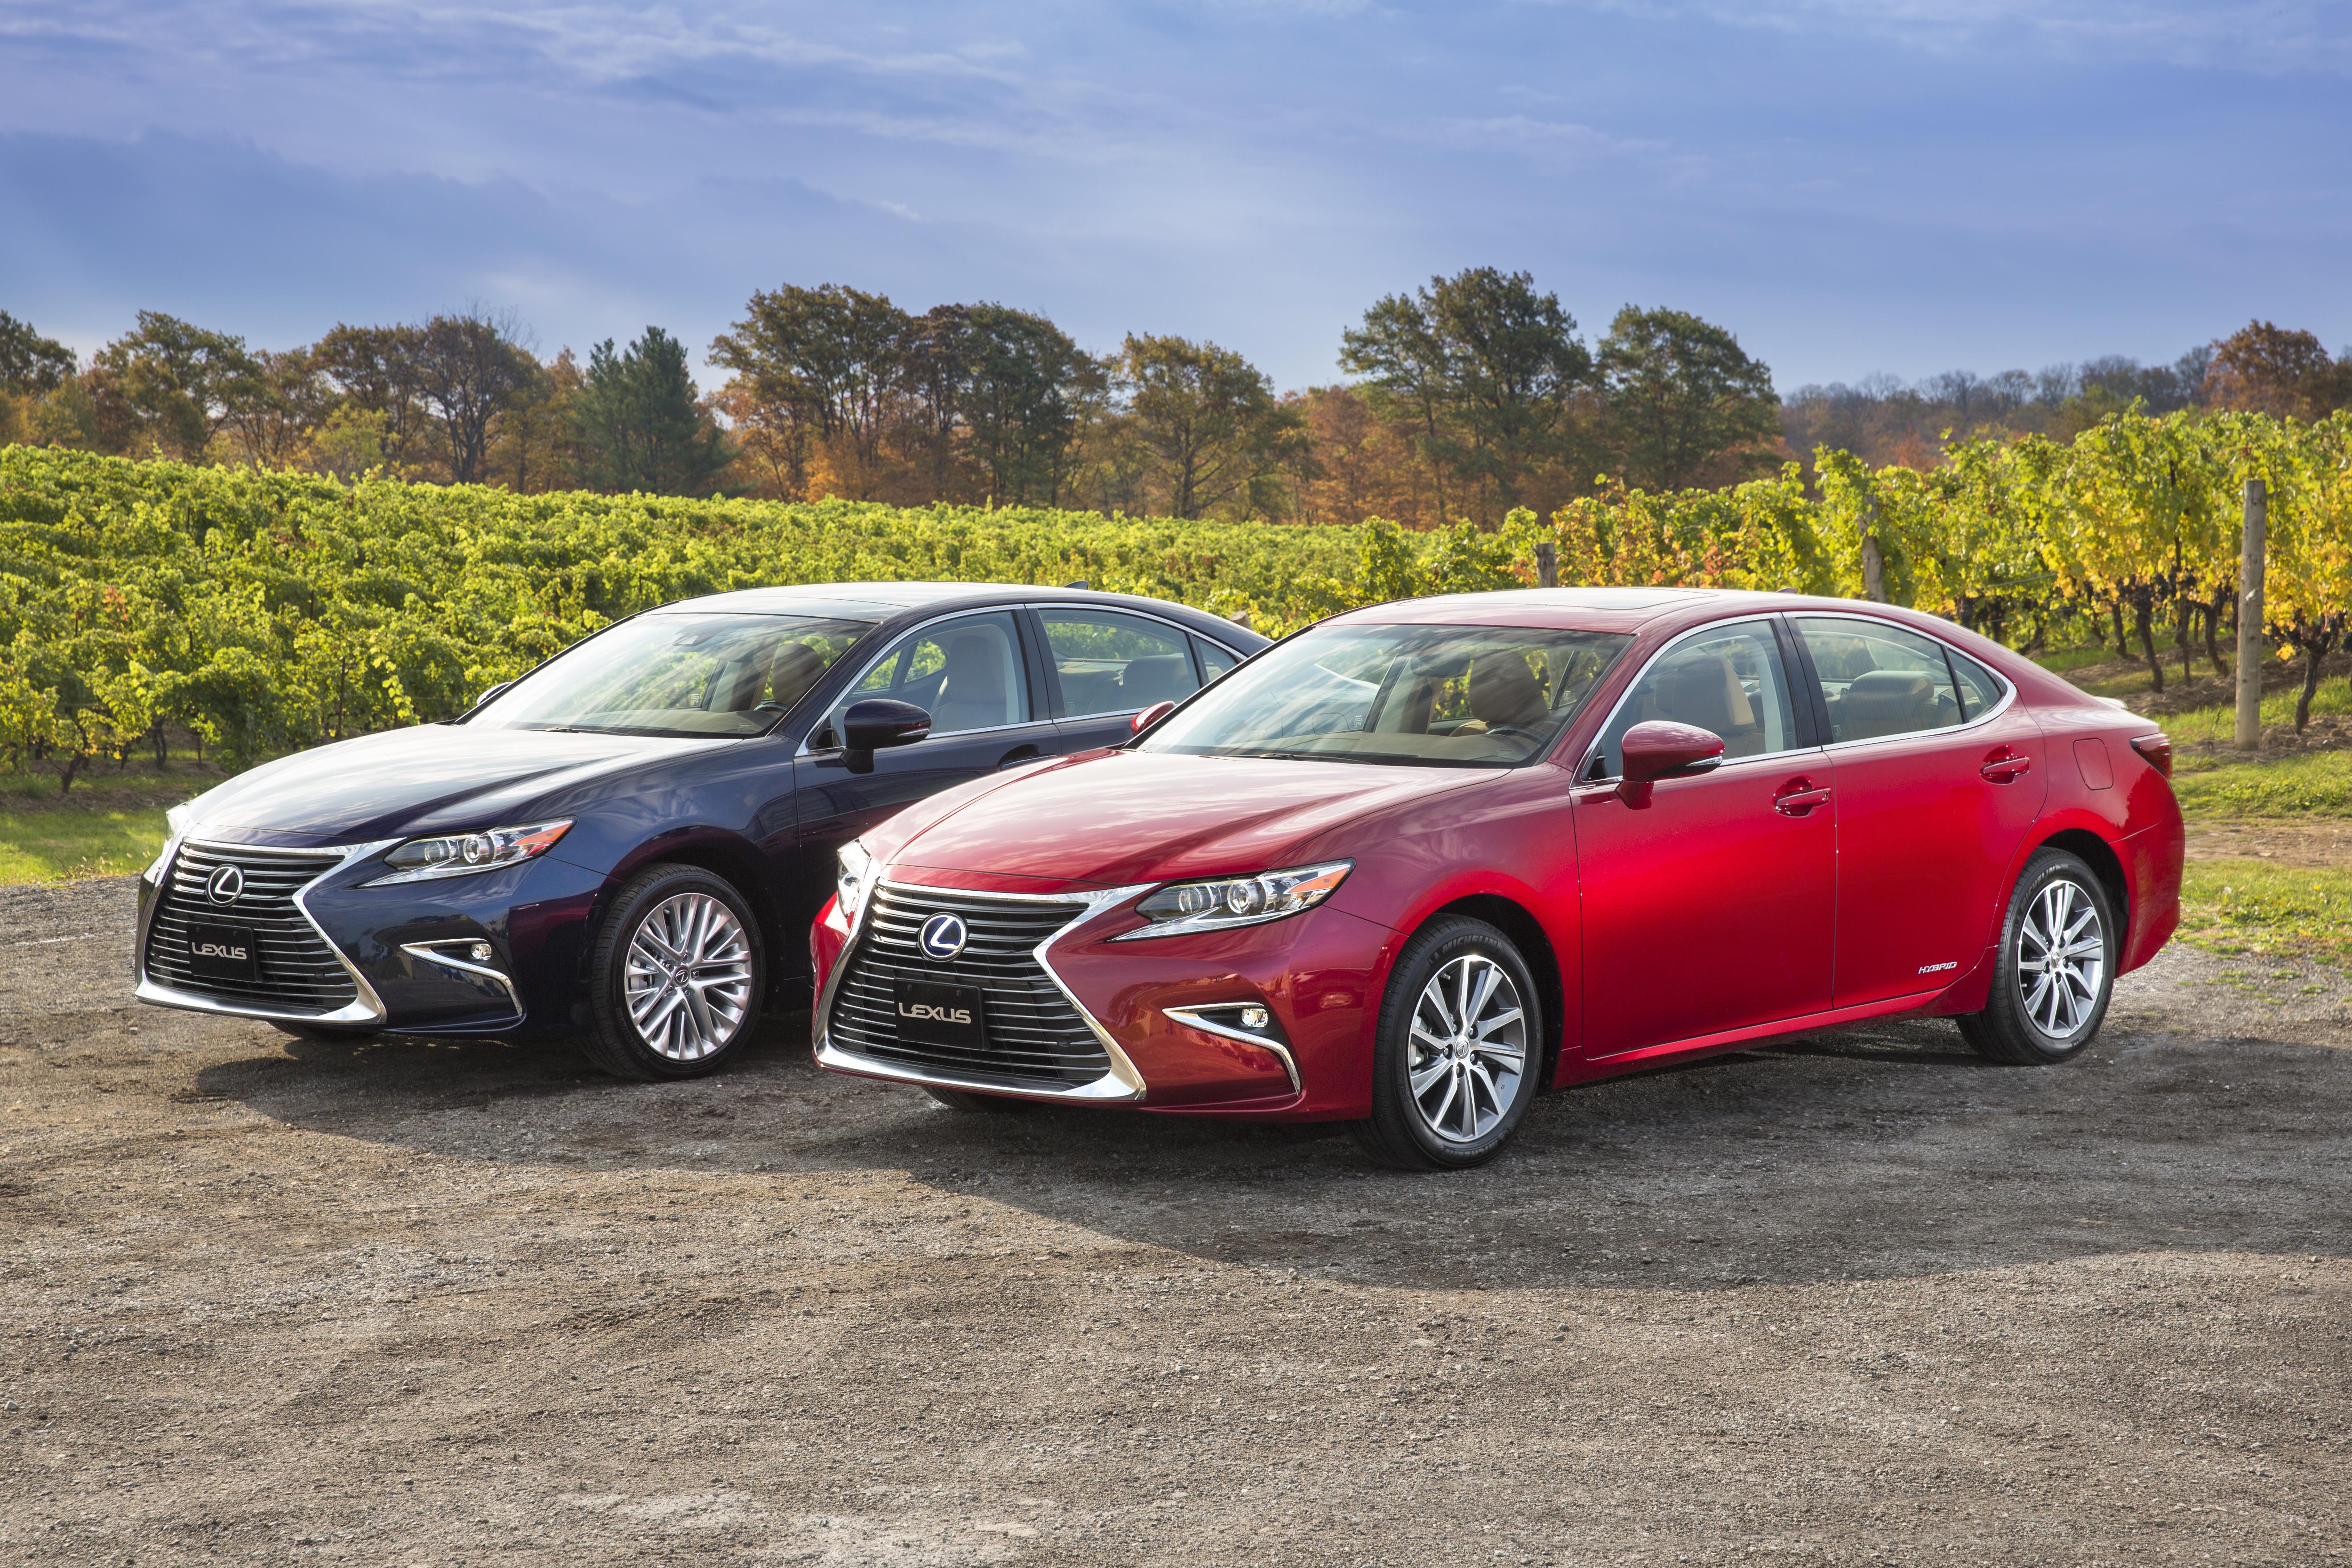 La Lexus ES 2017 : un modèle de luxe progressiste pour les Canadiens exigeants